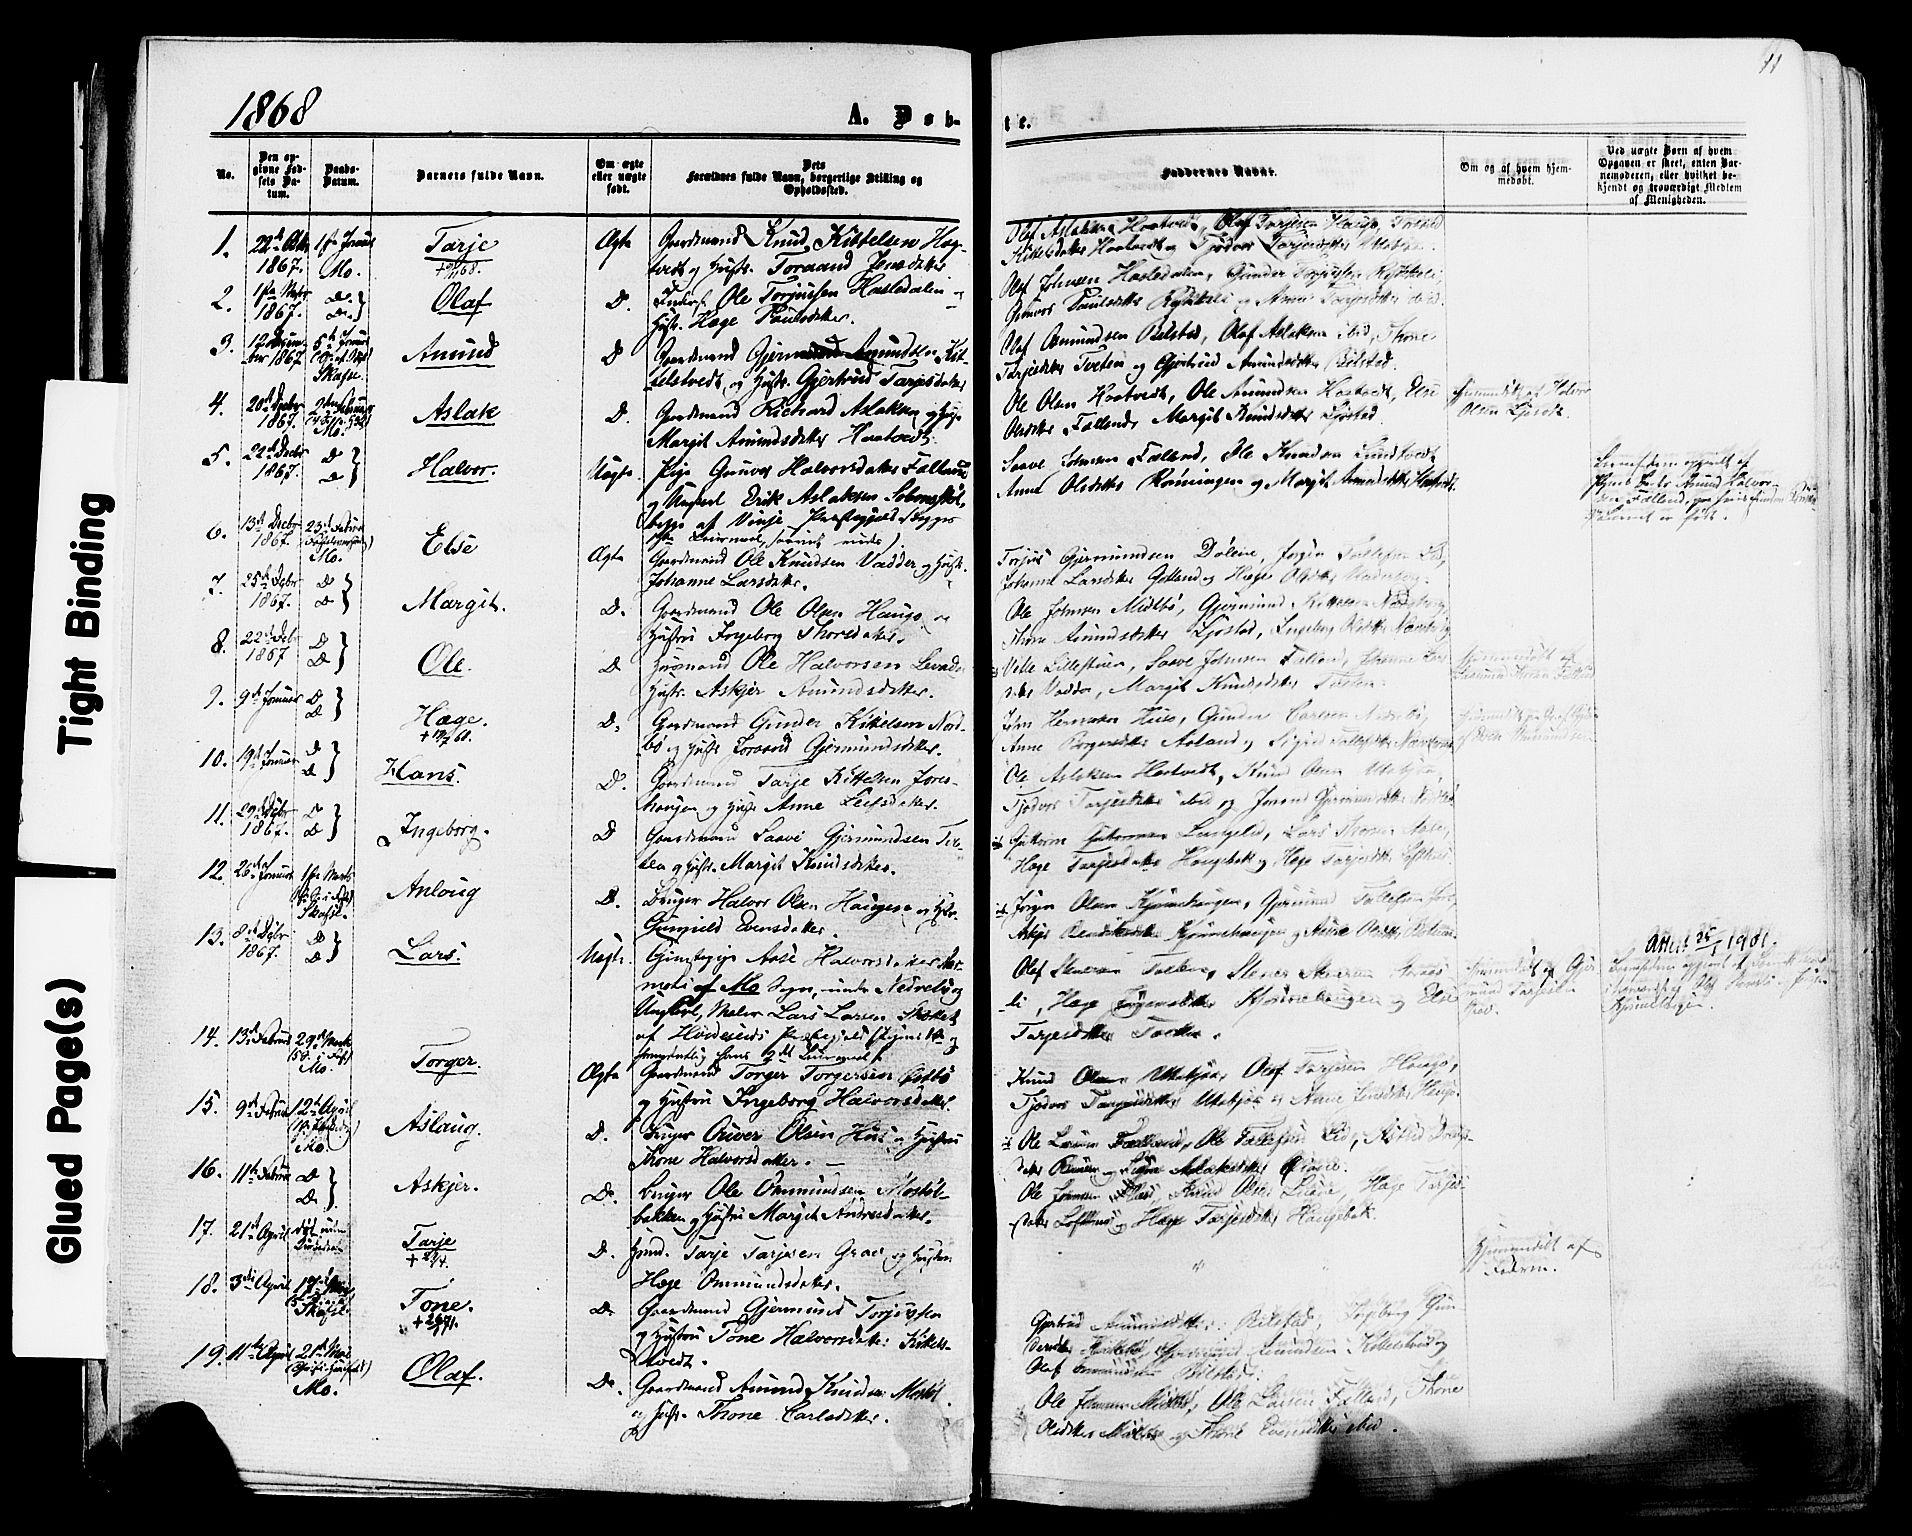 SAKO, Mo kirkebøker, F/Fa/L0006: Ministerialbok nr. I 6, 1865-1885, s. 11